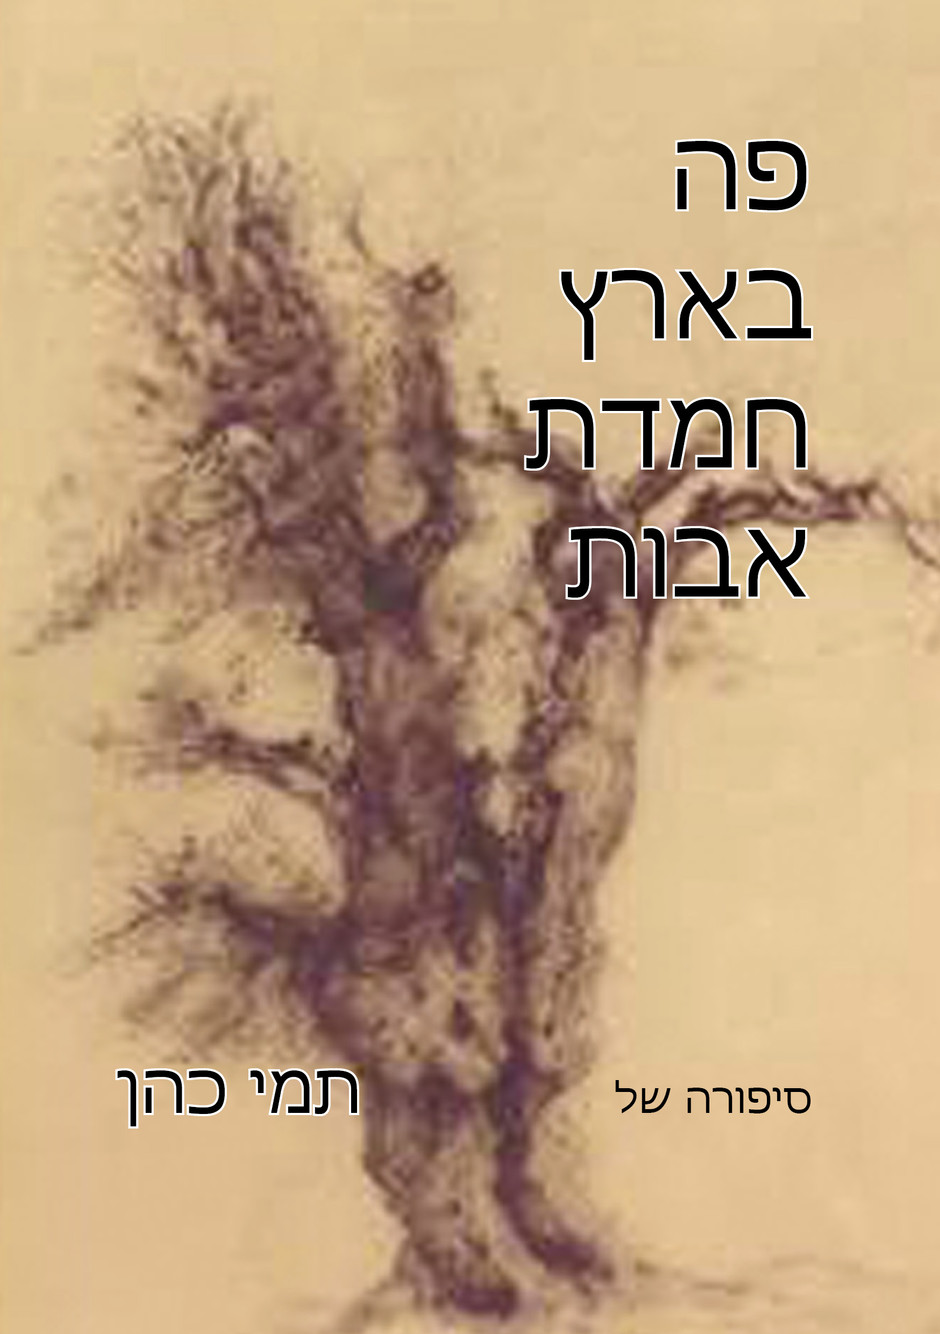 פה בארץ חמדת אבות / תמי כהן